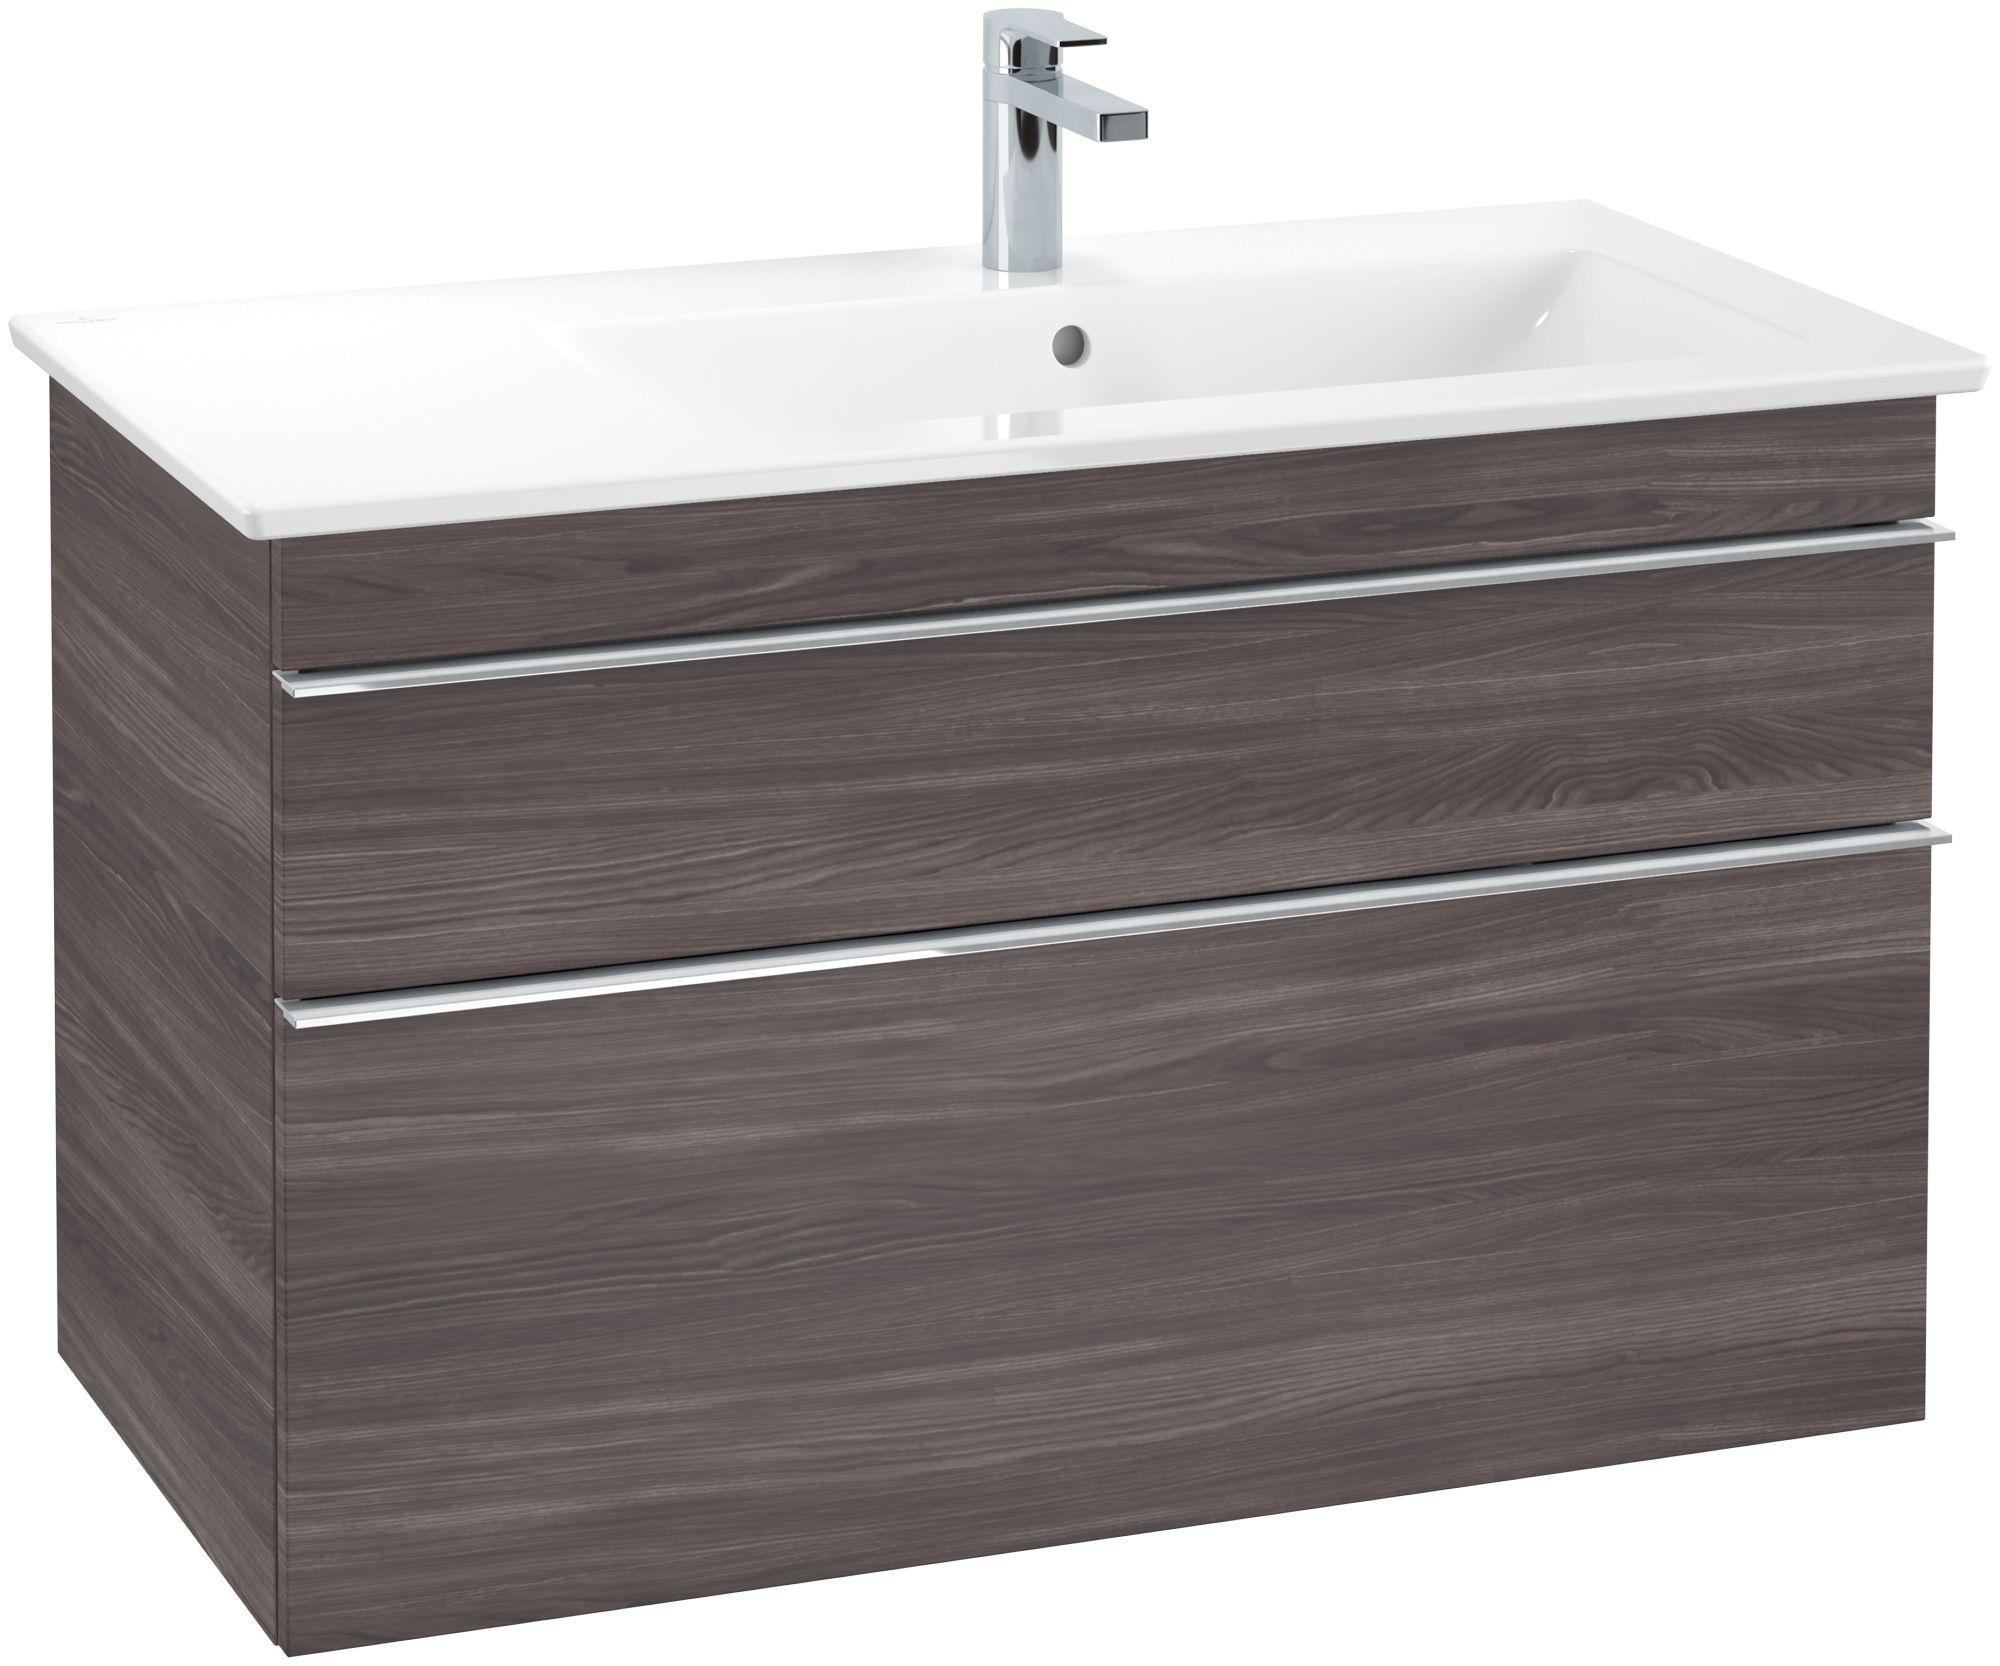 Villeroy & Boch Venticello Waschtischunterschrank 2 Auszüge B:953xT:502xH:590mm eiche graphit Griffe chrom A92801FQ